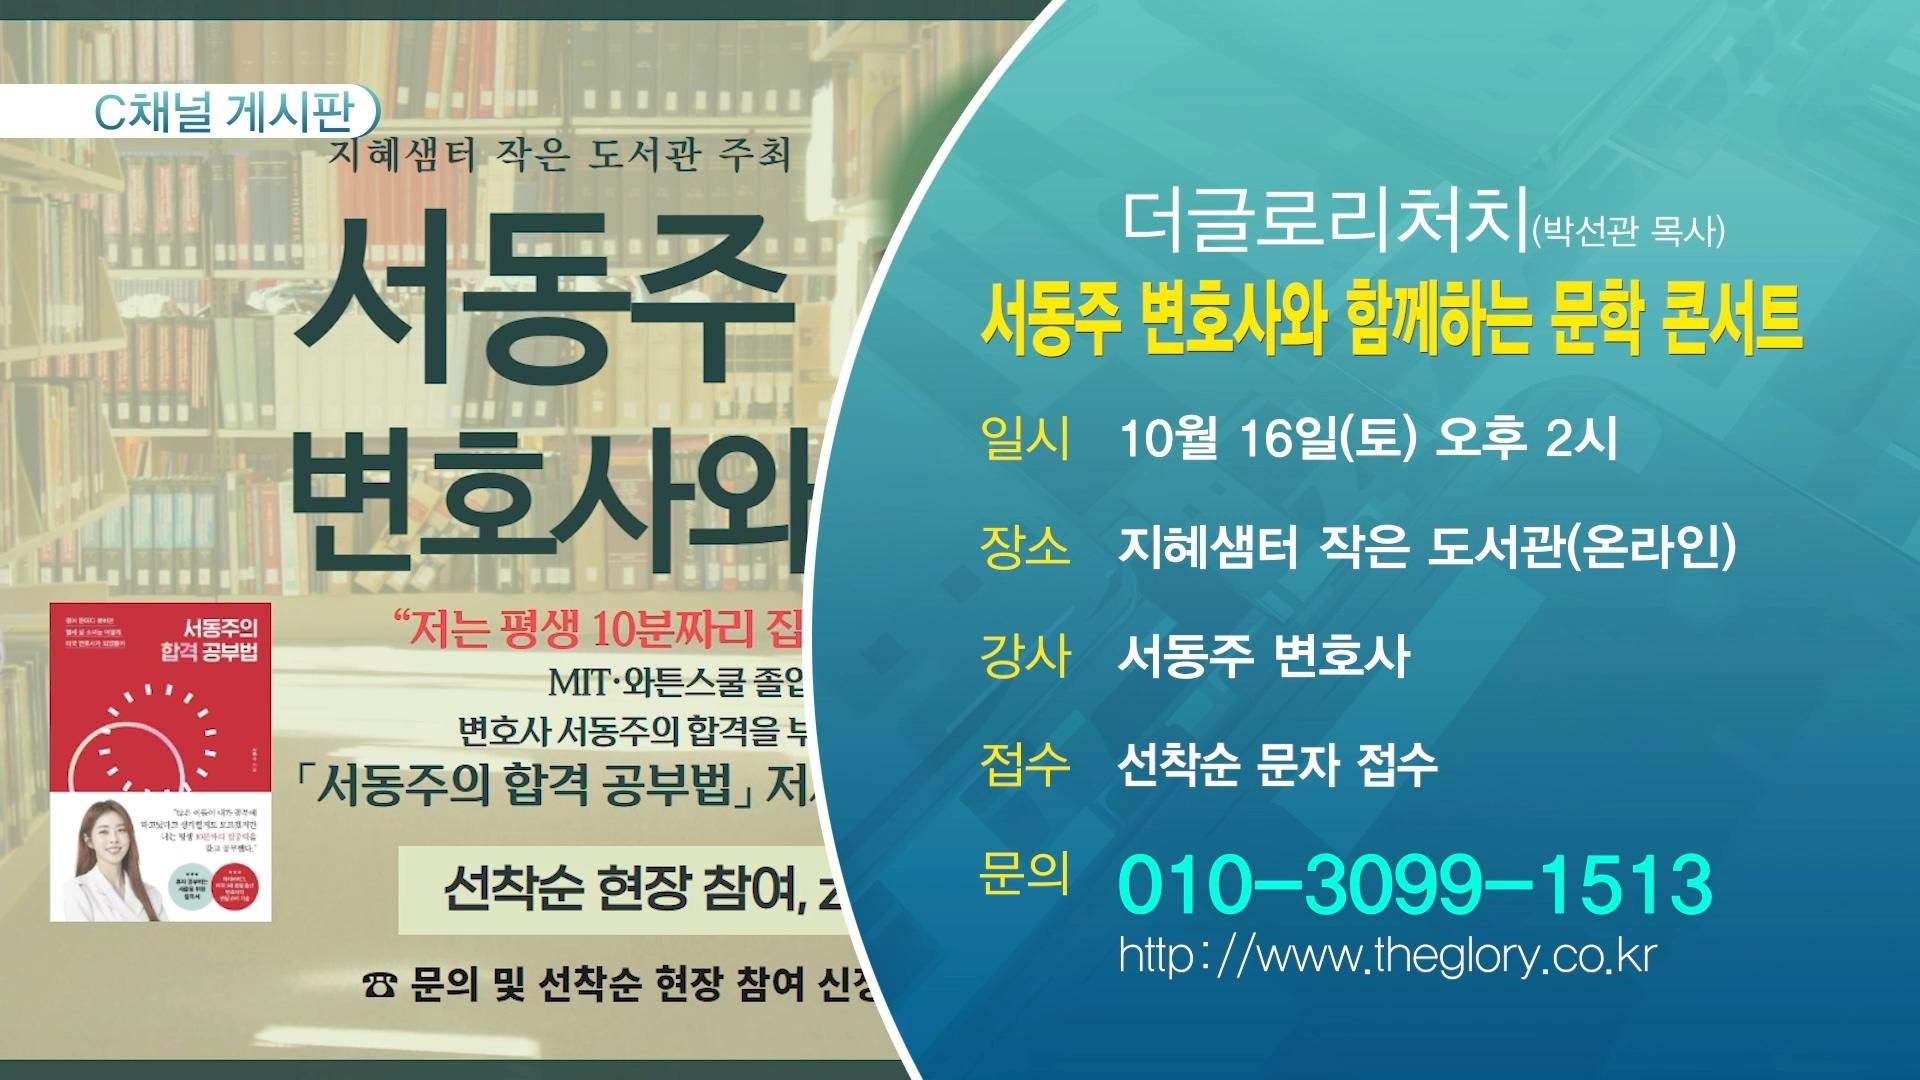 서동주 변호사와 함께하는 문학 콘서트 (더글로리처치(박선관 목사)) - 10월 16일(토) 오후 2시